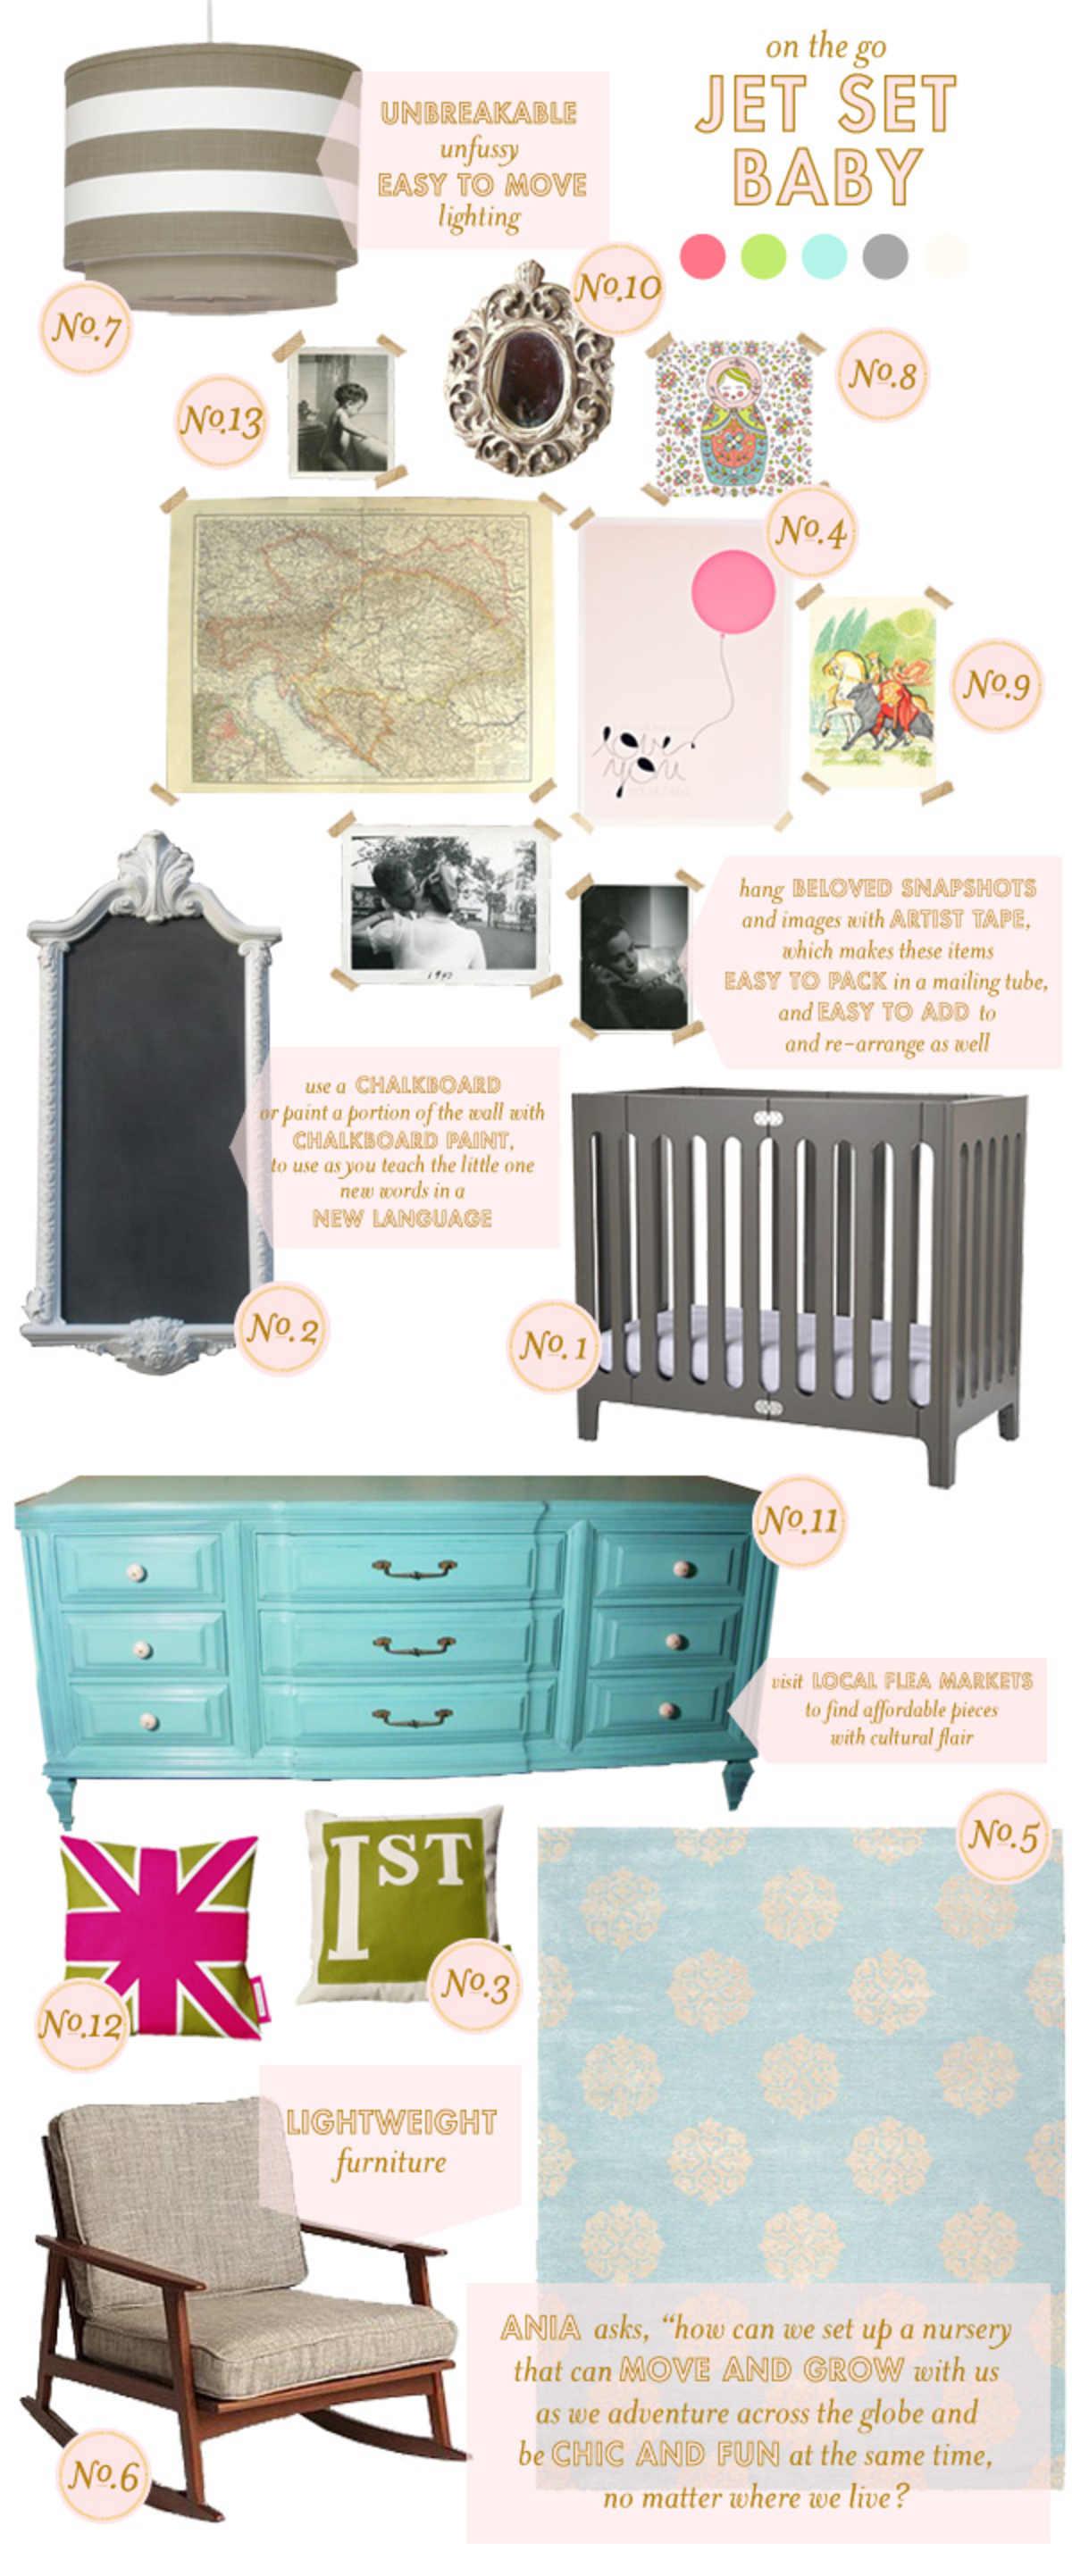 jet set baby nursery inspiration